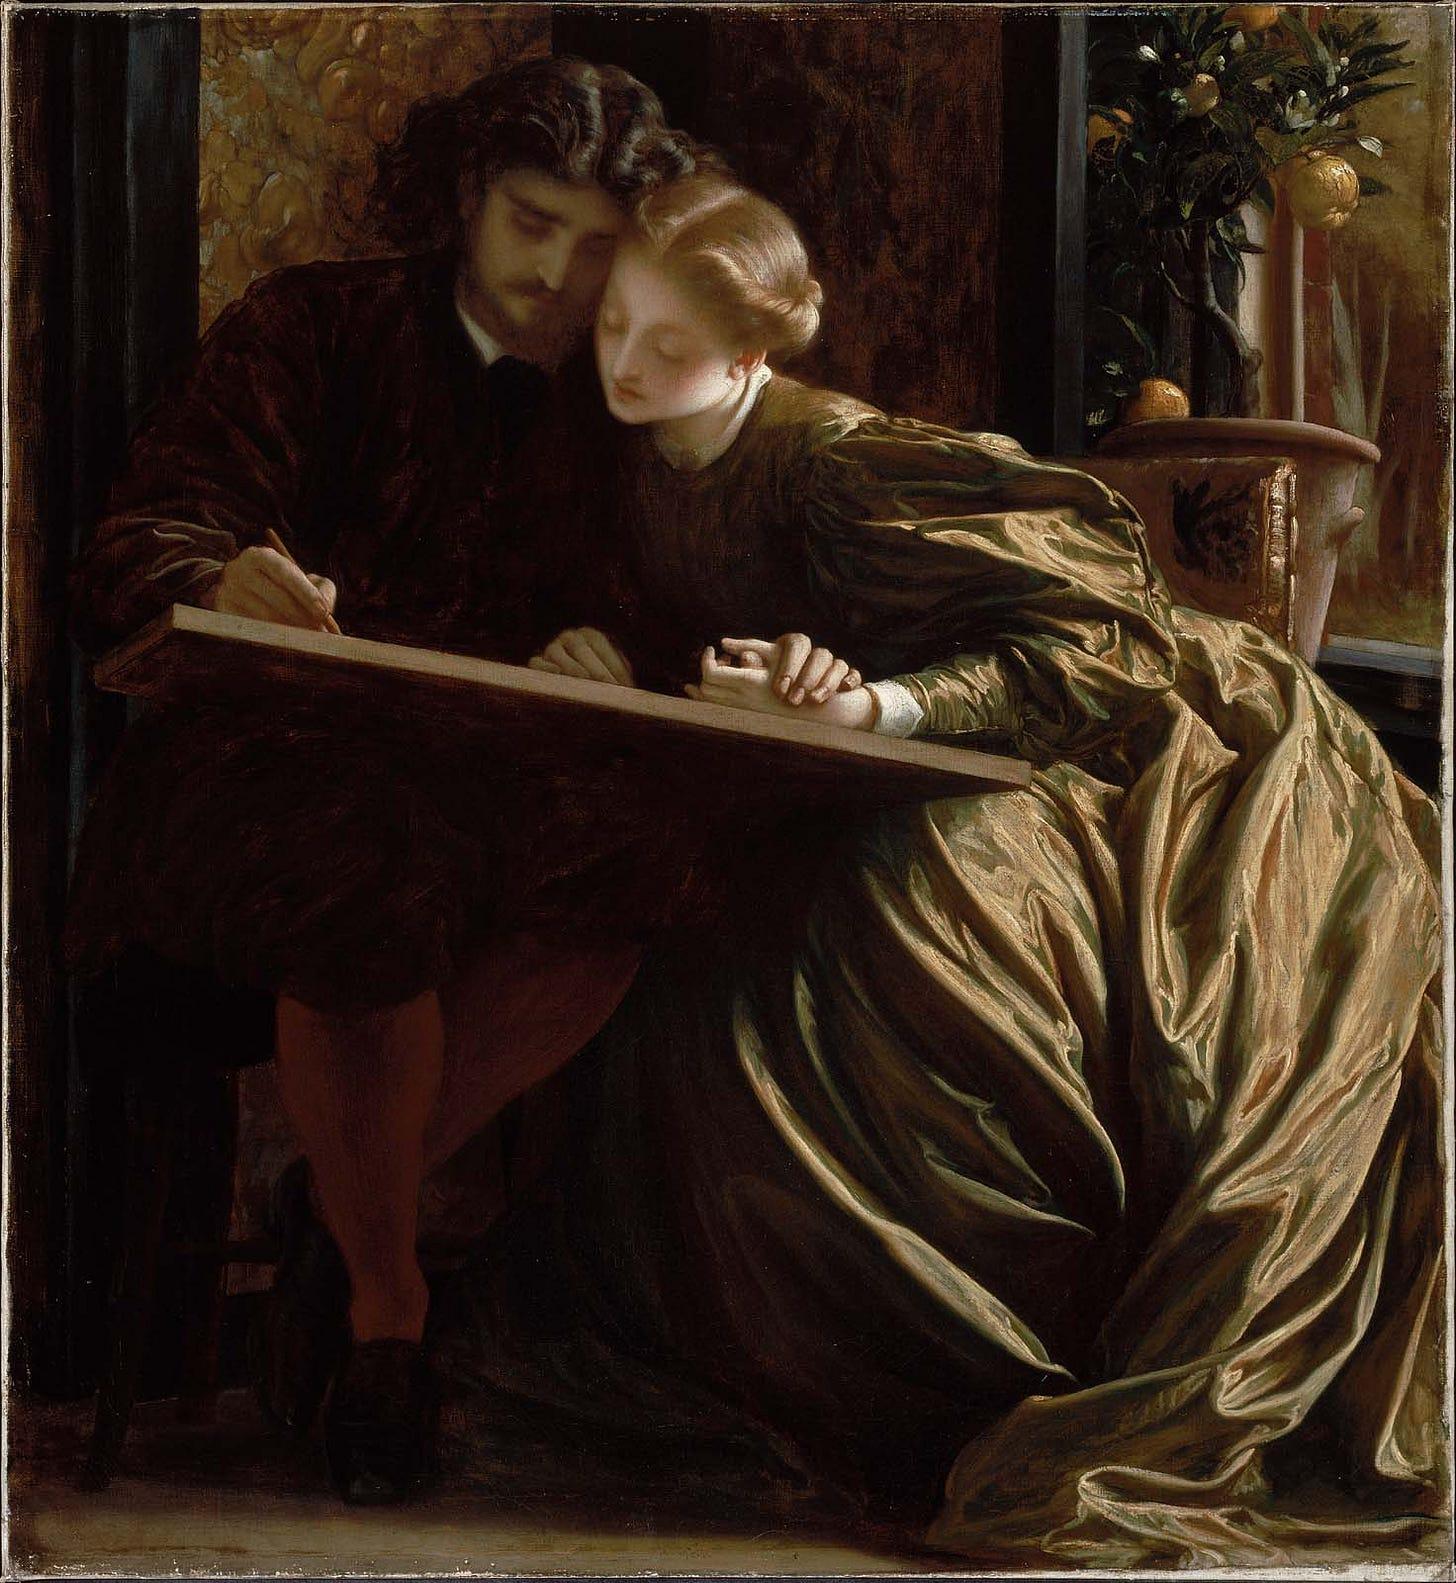 The Painter's Honeymoon - Wikipedia